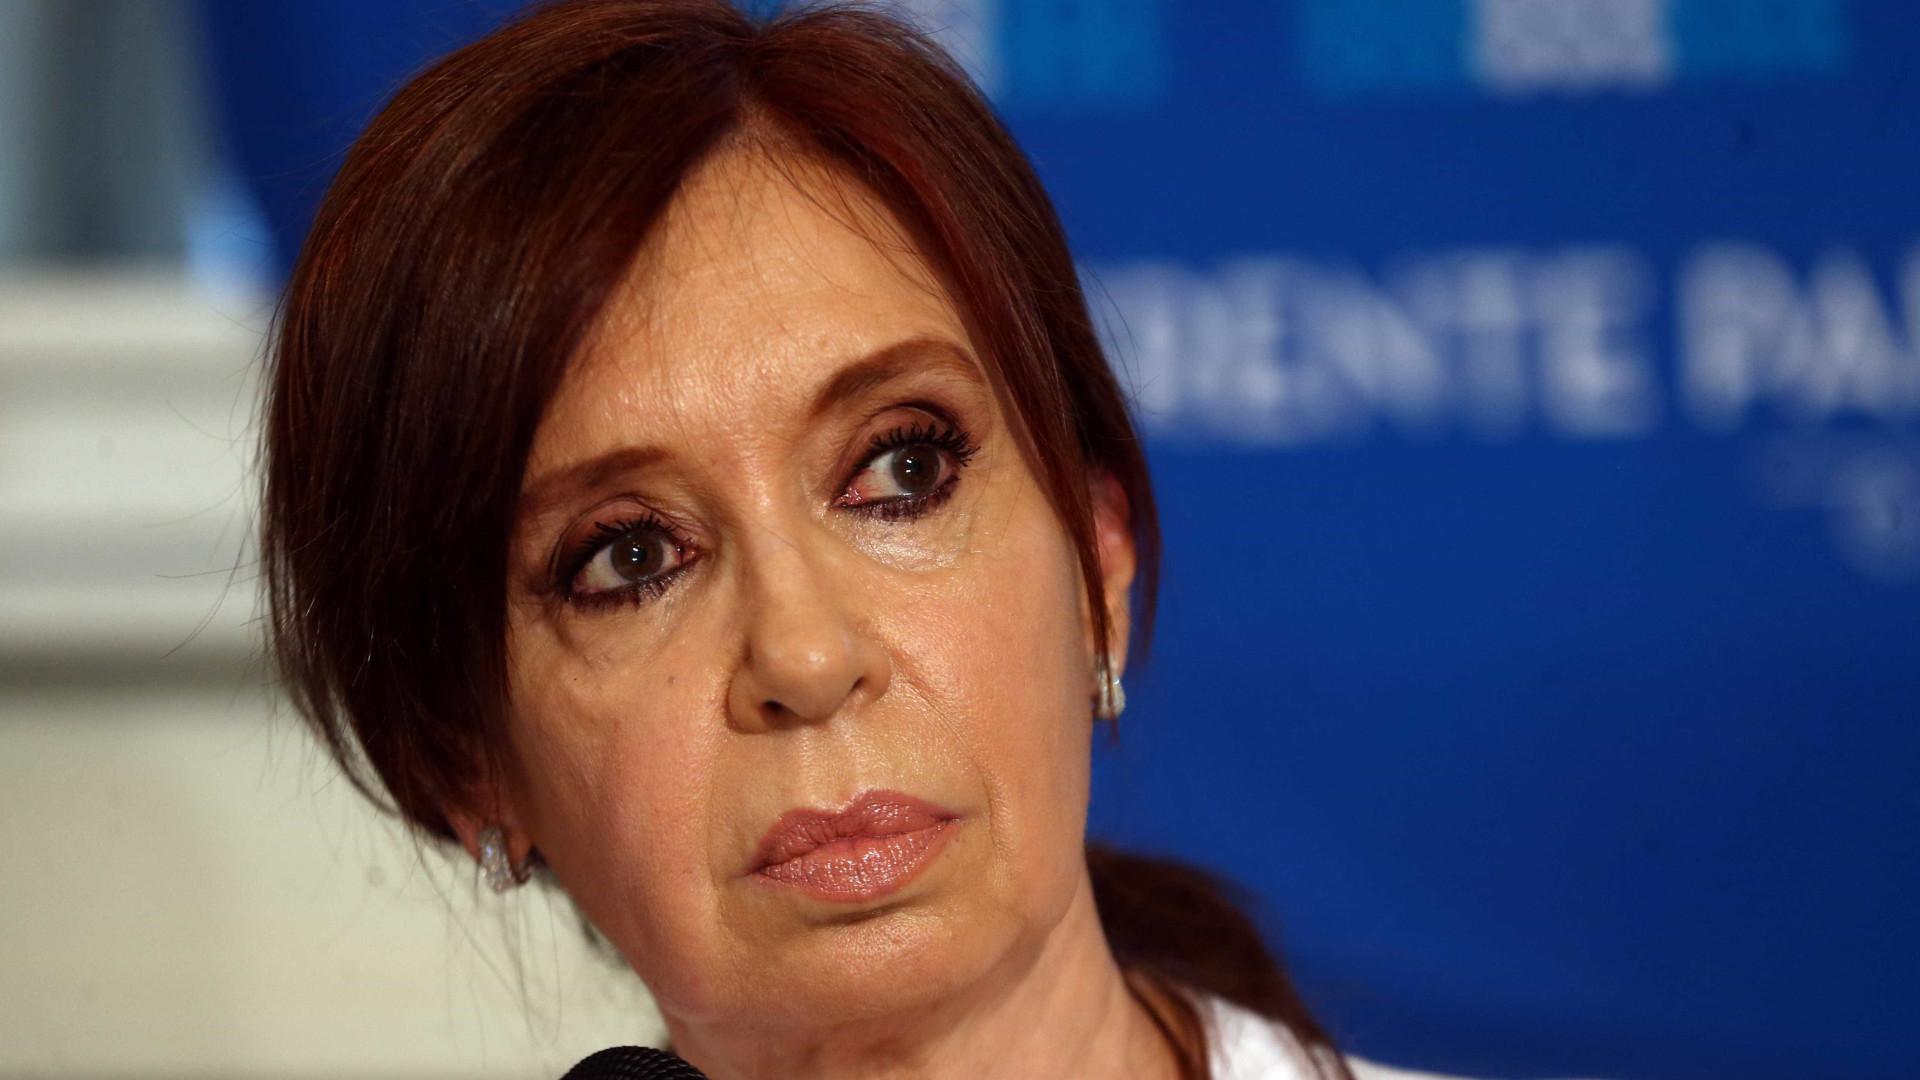 Cristina Kirchner e filhos são indiciados por lavagem de dinheiro